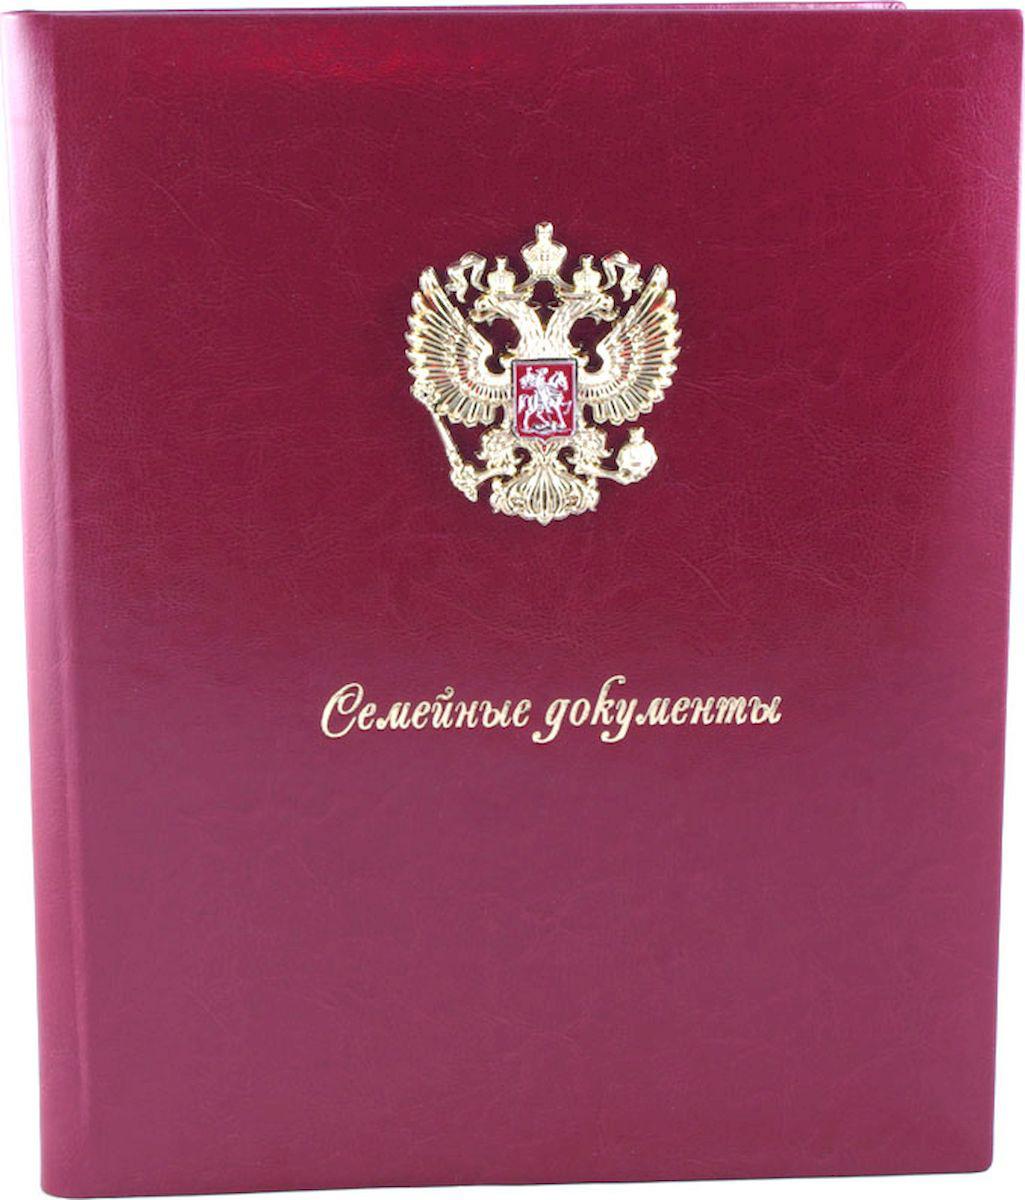 Обложка для документов Family Treasures aroma treasures